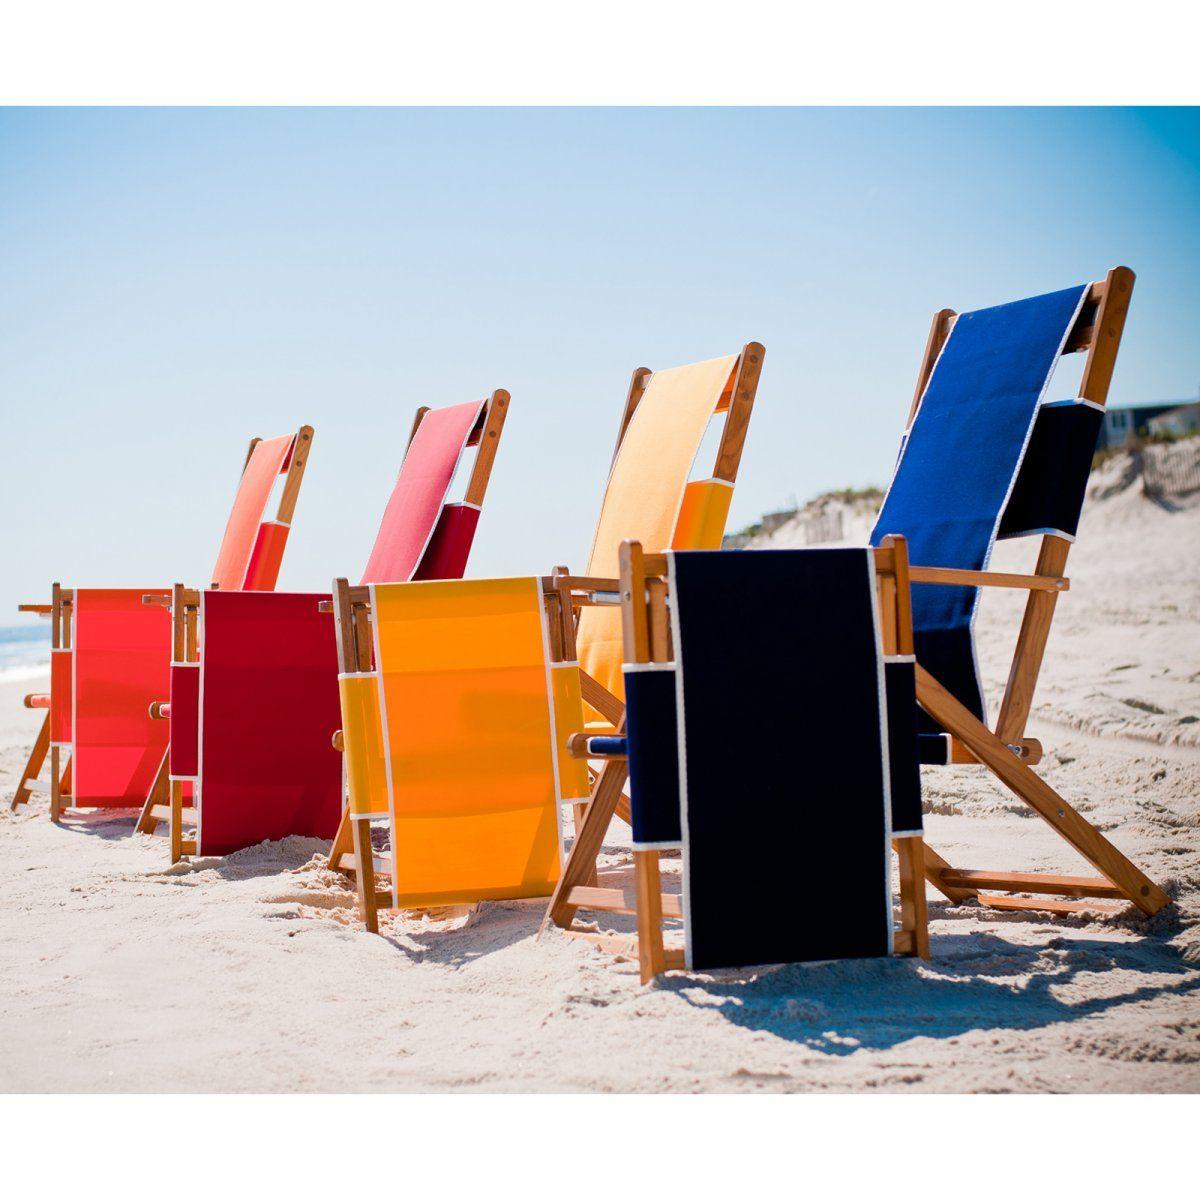 Frankford Umbrellas Commercial Grade Wooden Beach Lounger